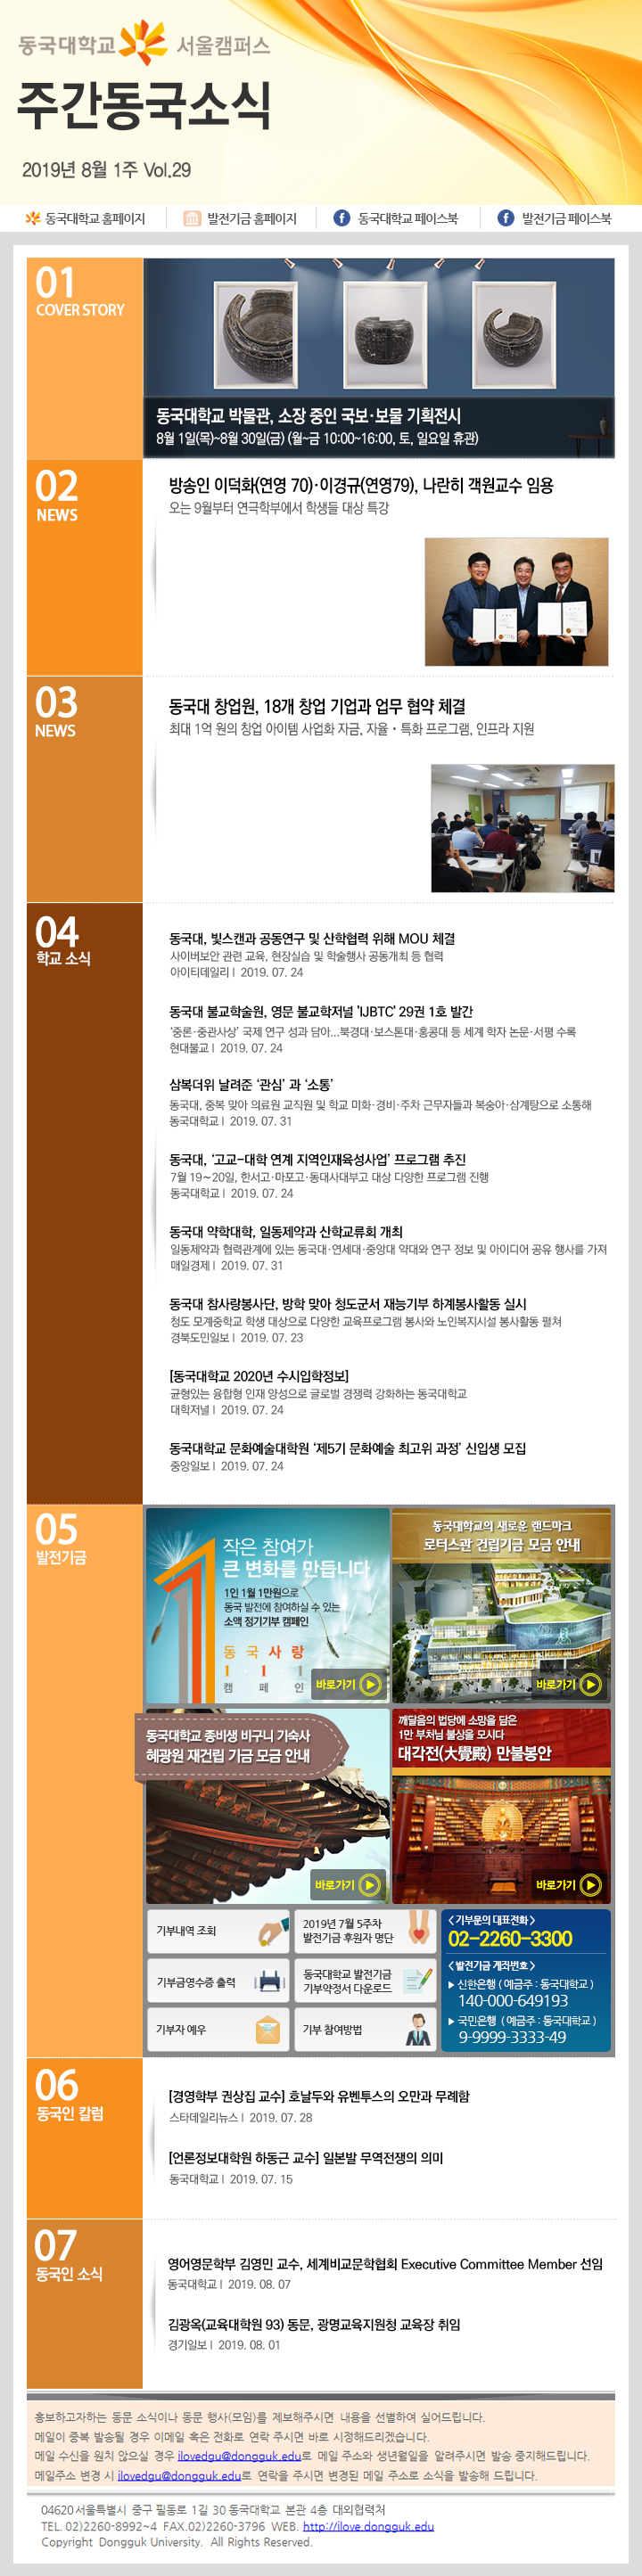 동국웹진 2019년 8월 1주 - 자세한 내용은 첨부파일로 확인하세요.